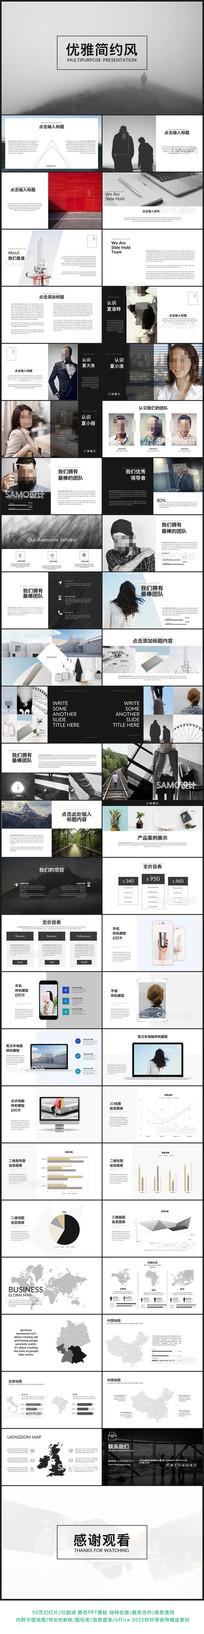 2017优雅简约风公司宣传ppt模板